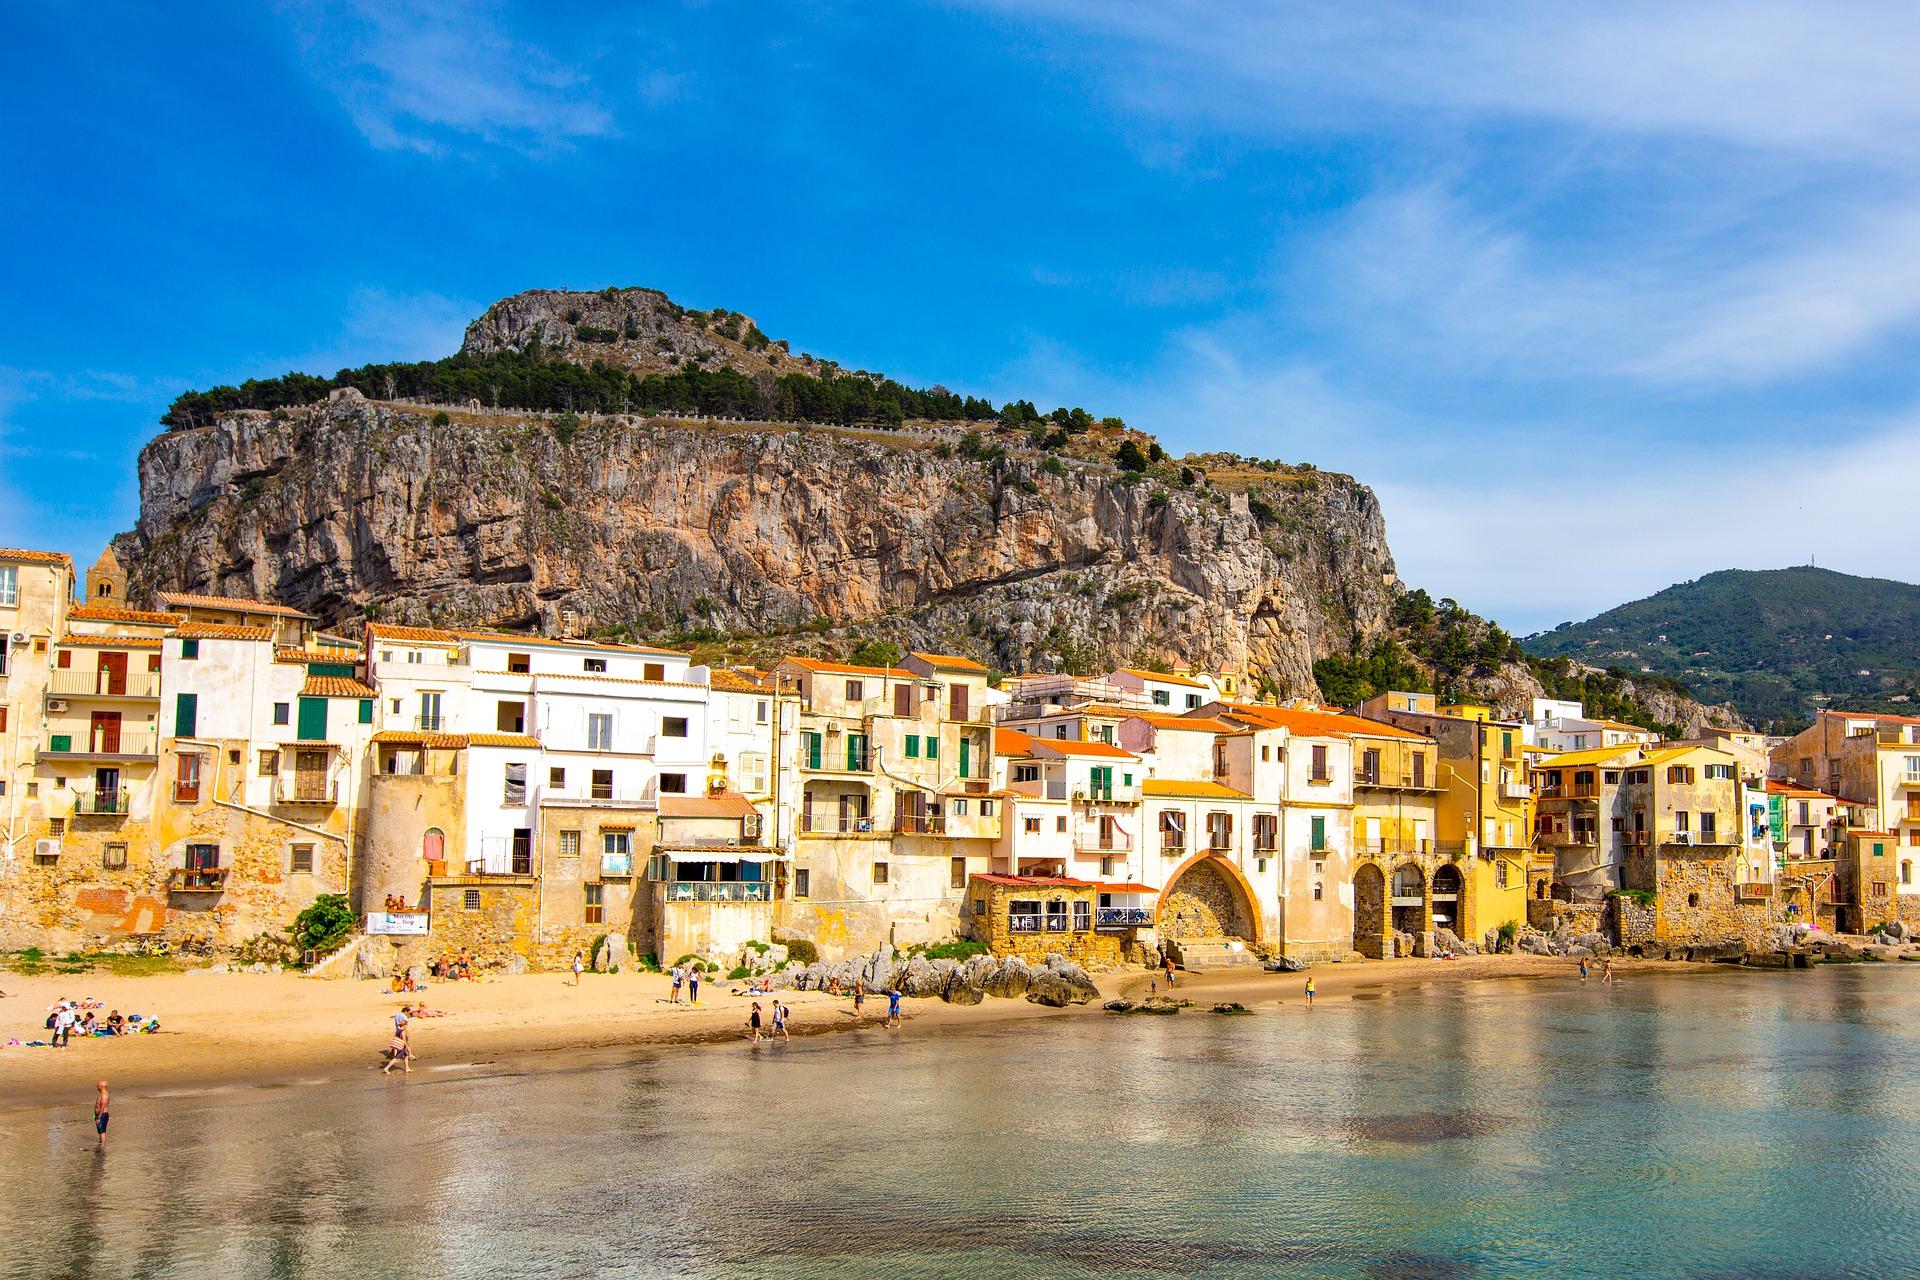 Offerte ponte 2 giugno Sicilia mare: